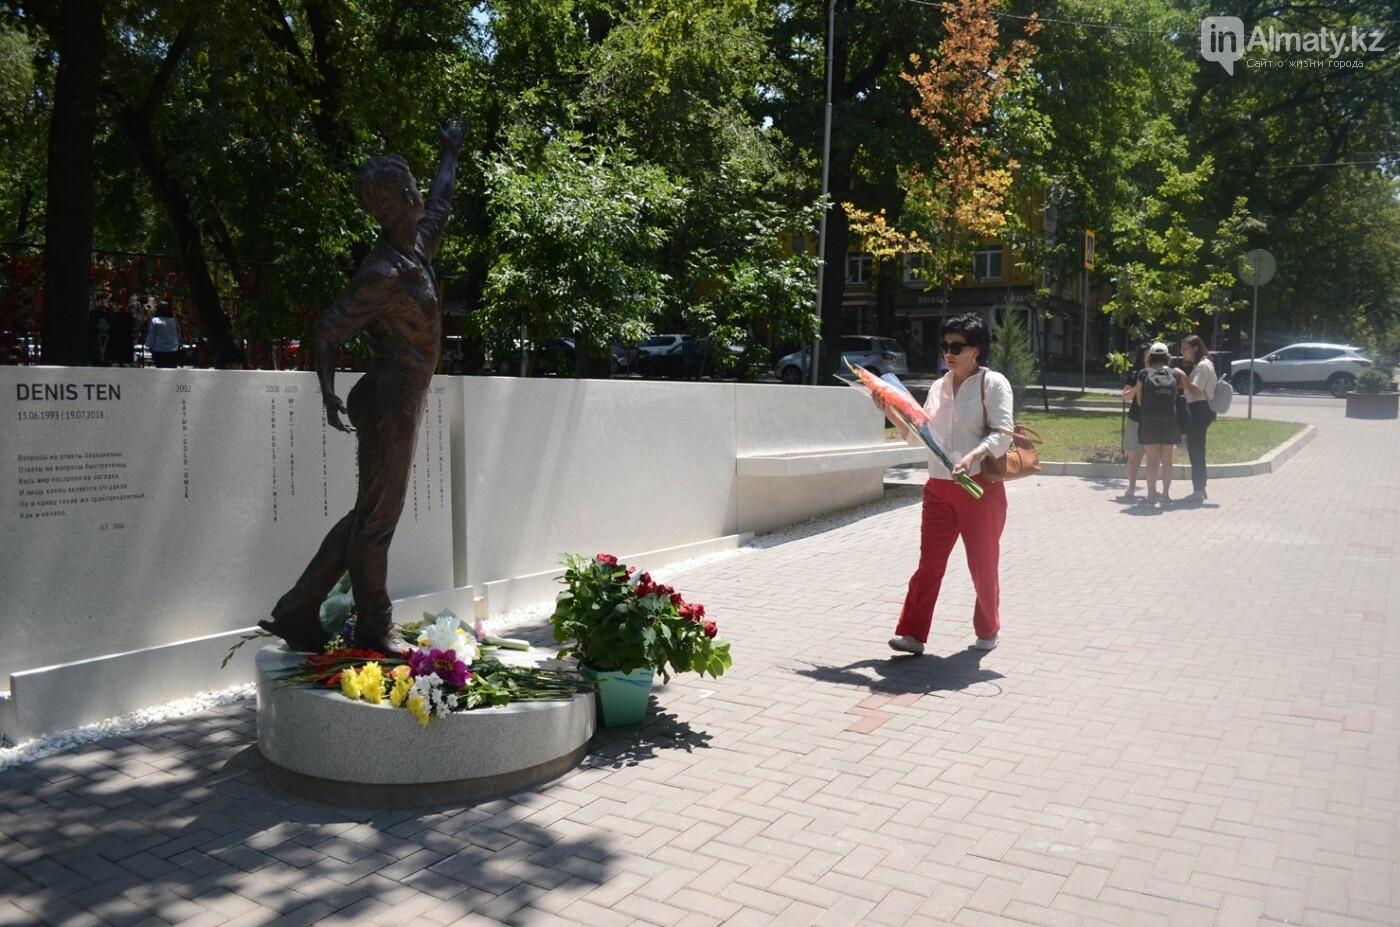 Алматинцы приносят цветы к памятнику Дениса Тена (фото), фото-3